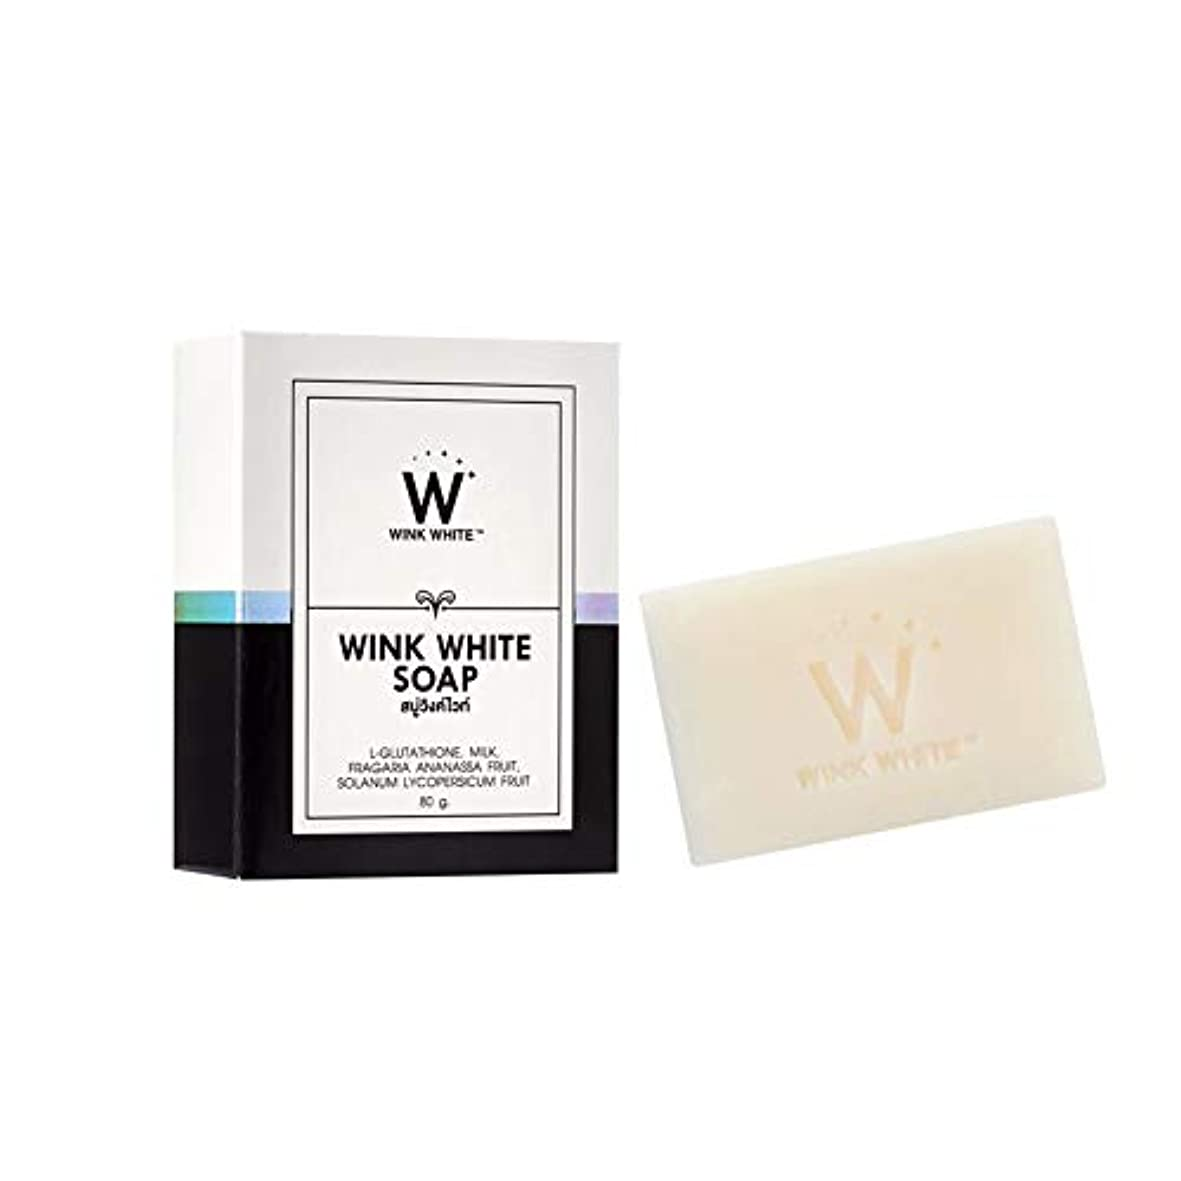 消毒剤経度ブラジャーSoap Net Nature White Soap Base Wink White Soap Gluta Pure Skin Body Whitening Strawberry for Whitening Skin All...